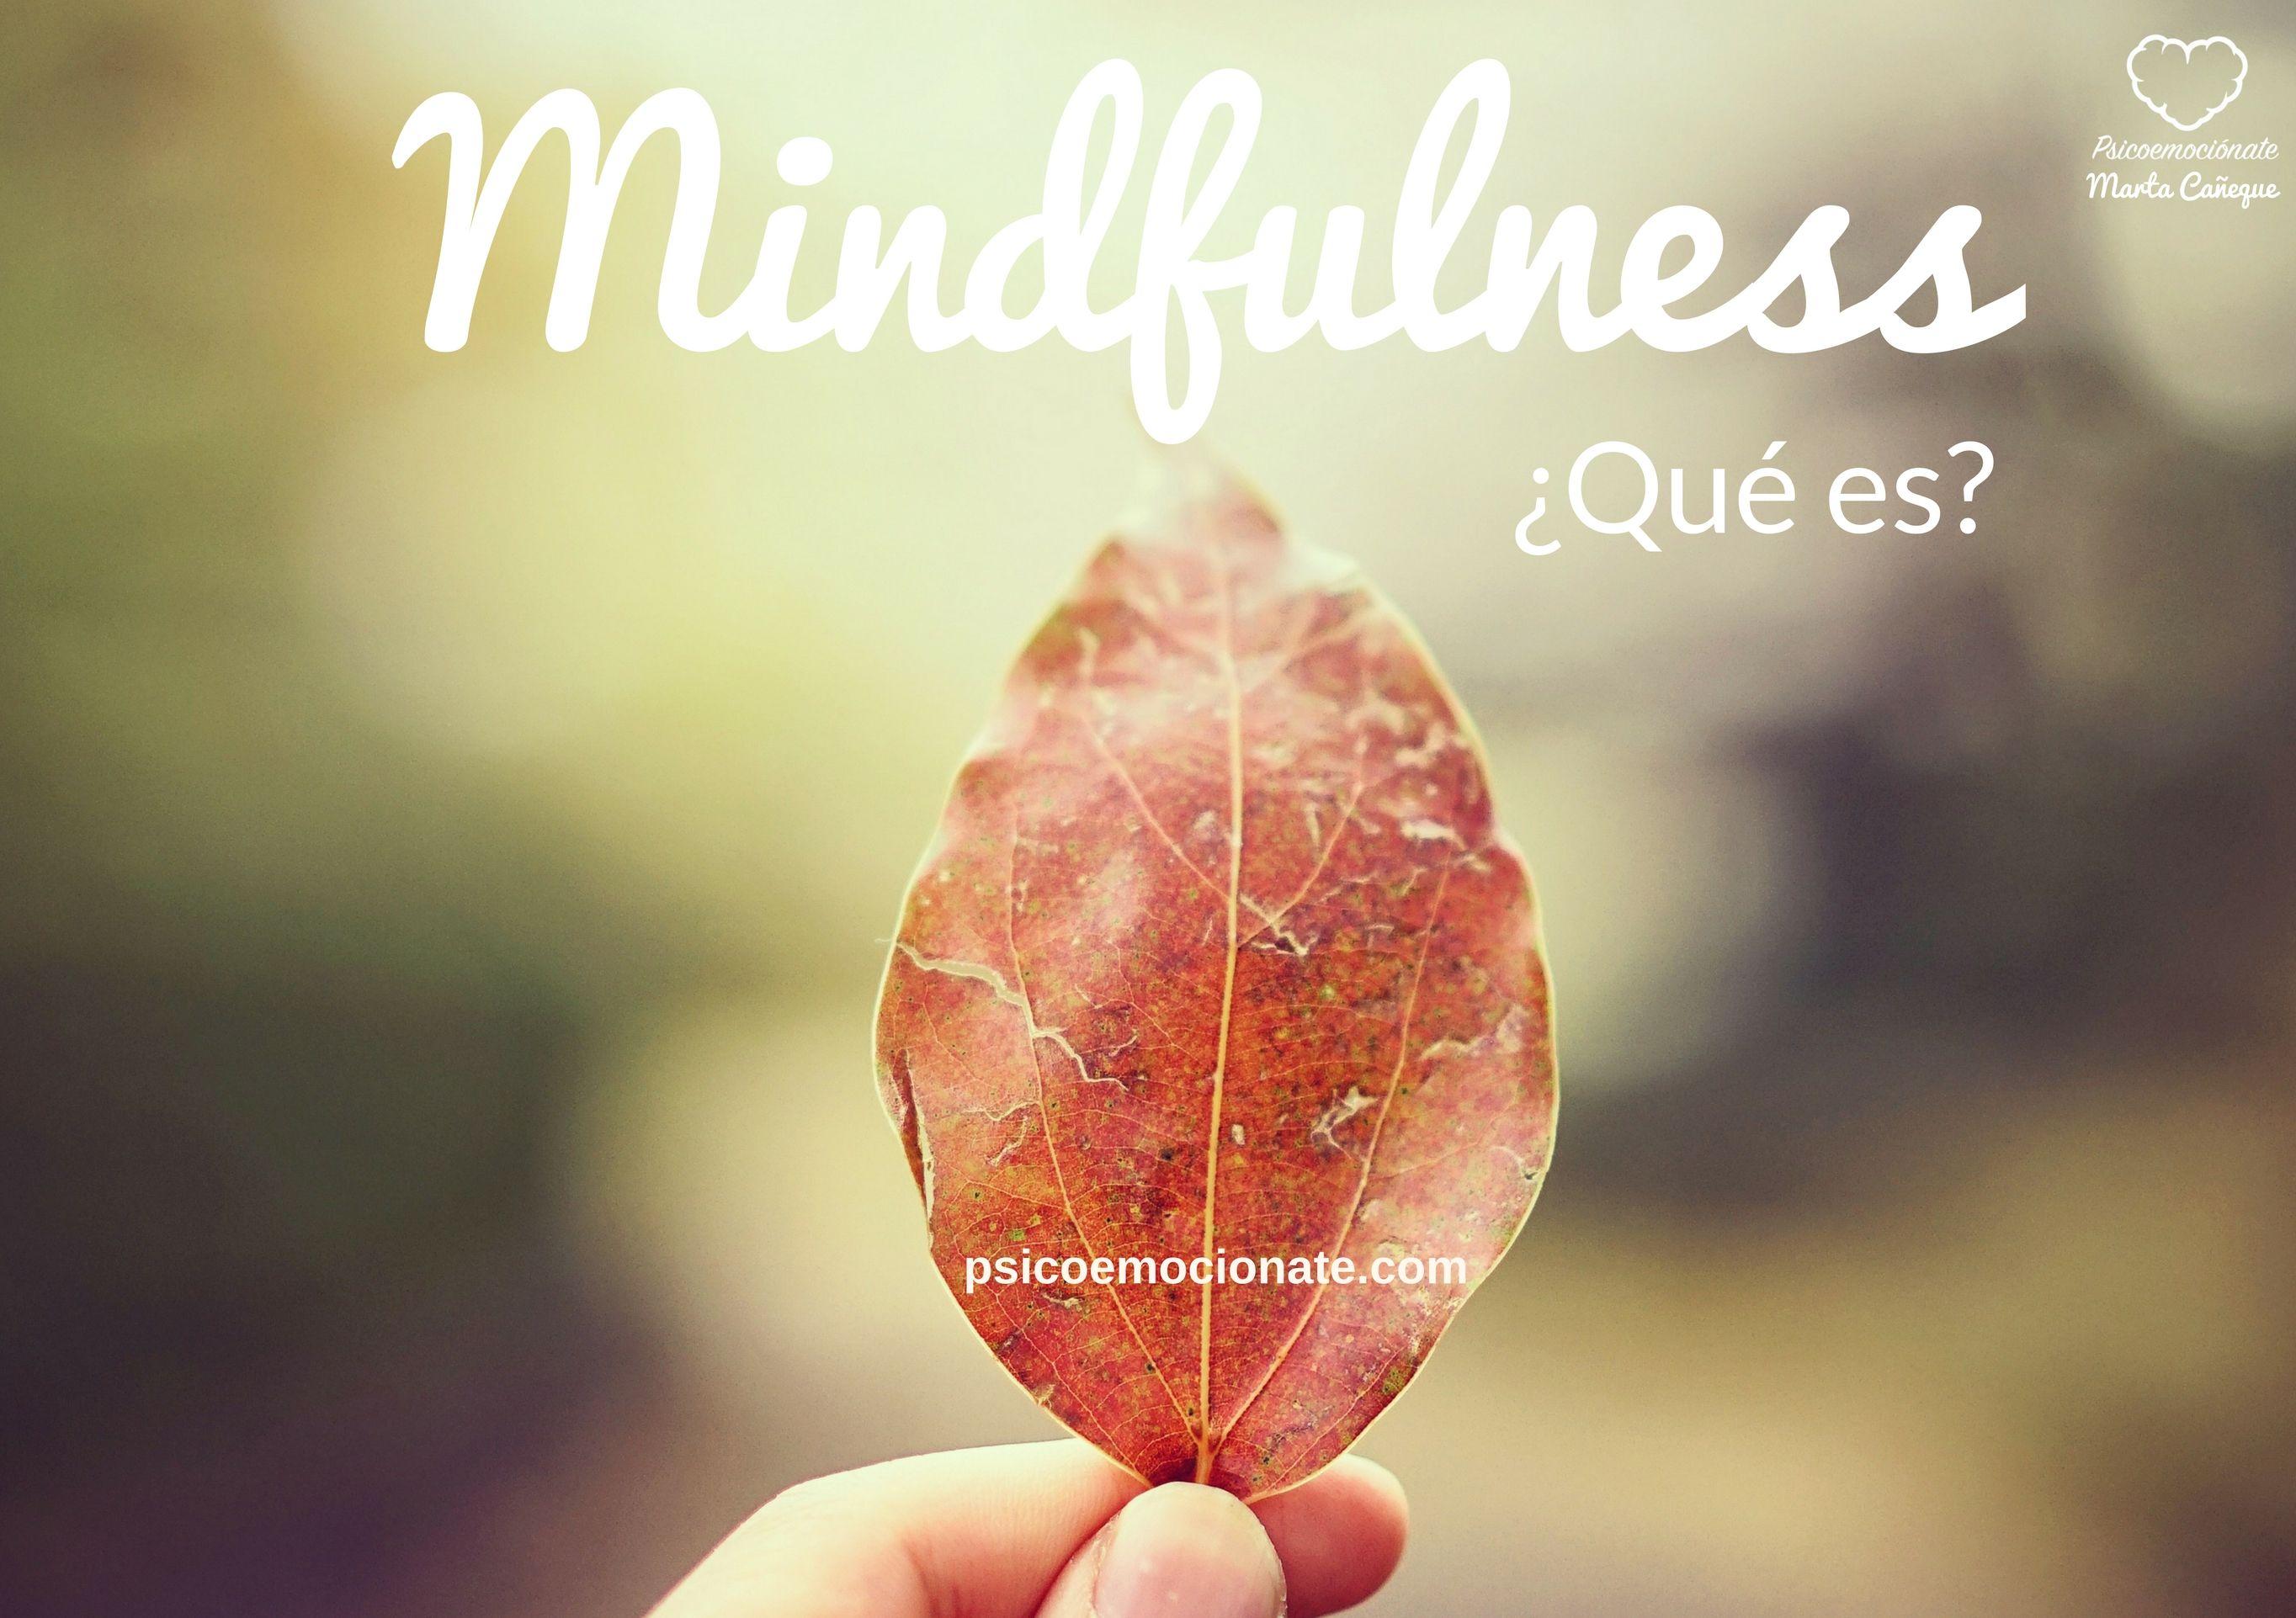 Qué es Mindfulness psicoemocionate